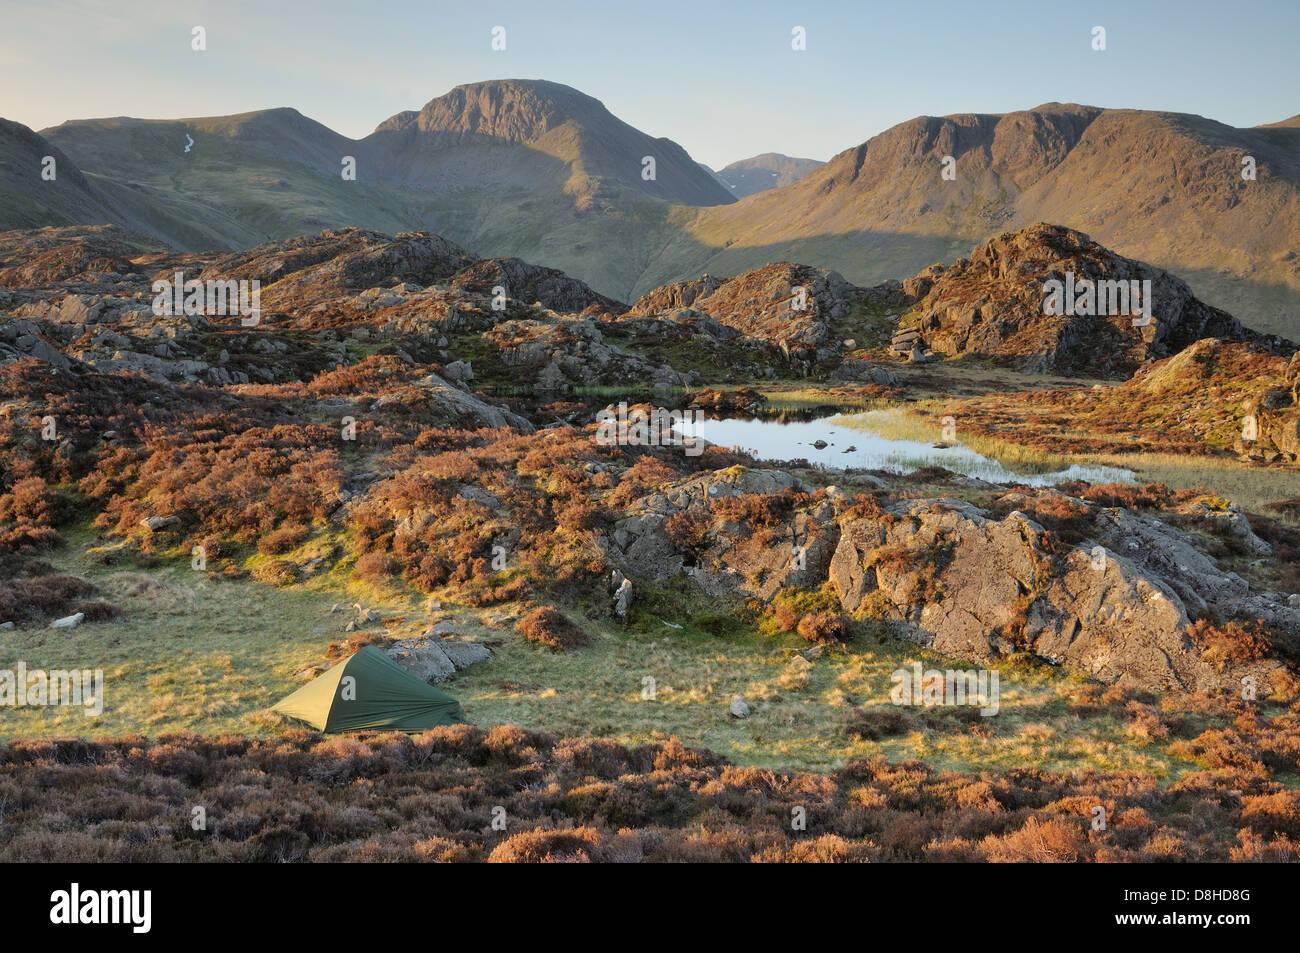 Camping sauvage à côté du Tarn innommé sur le sommet du foin dans le Lake District Photo Stock